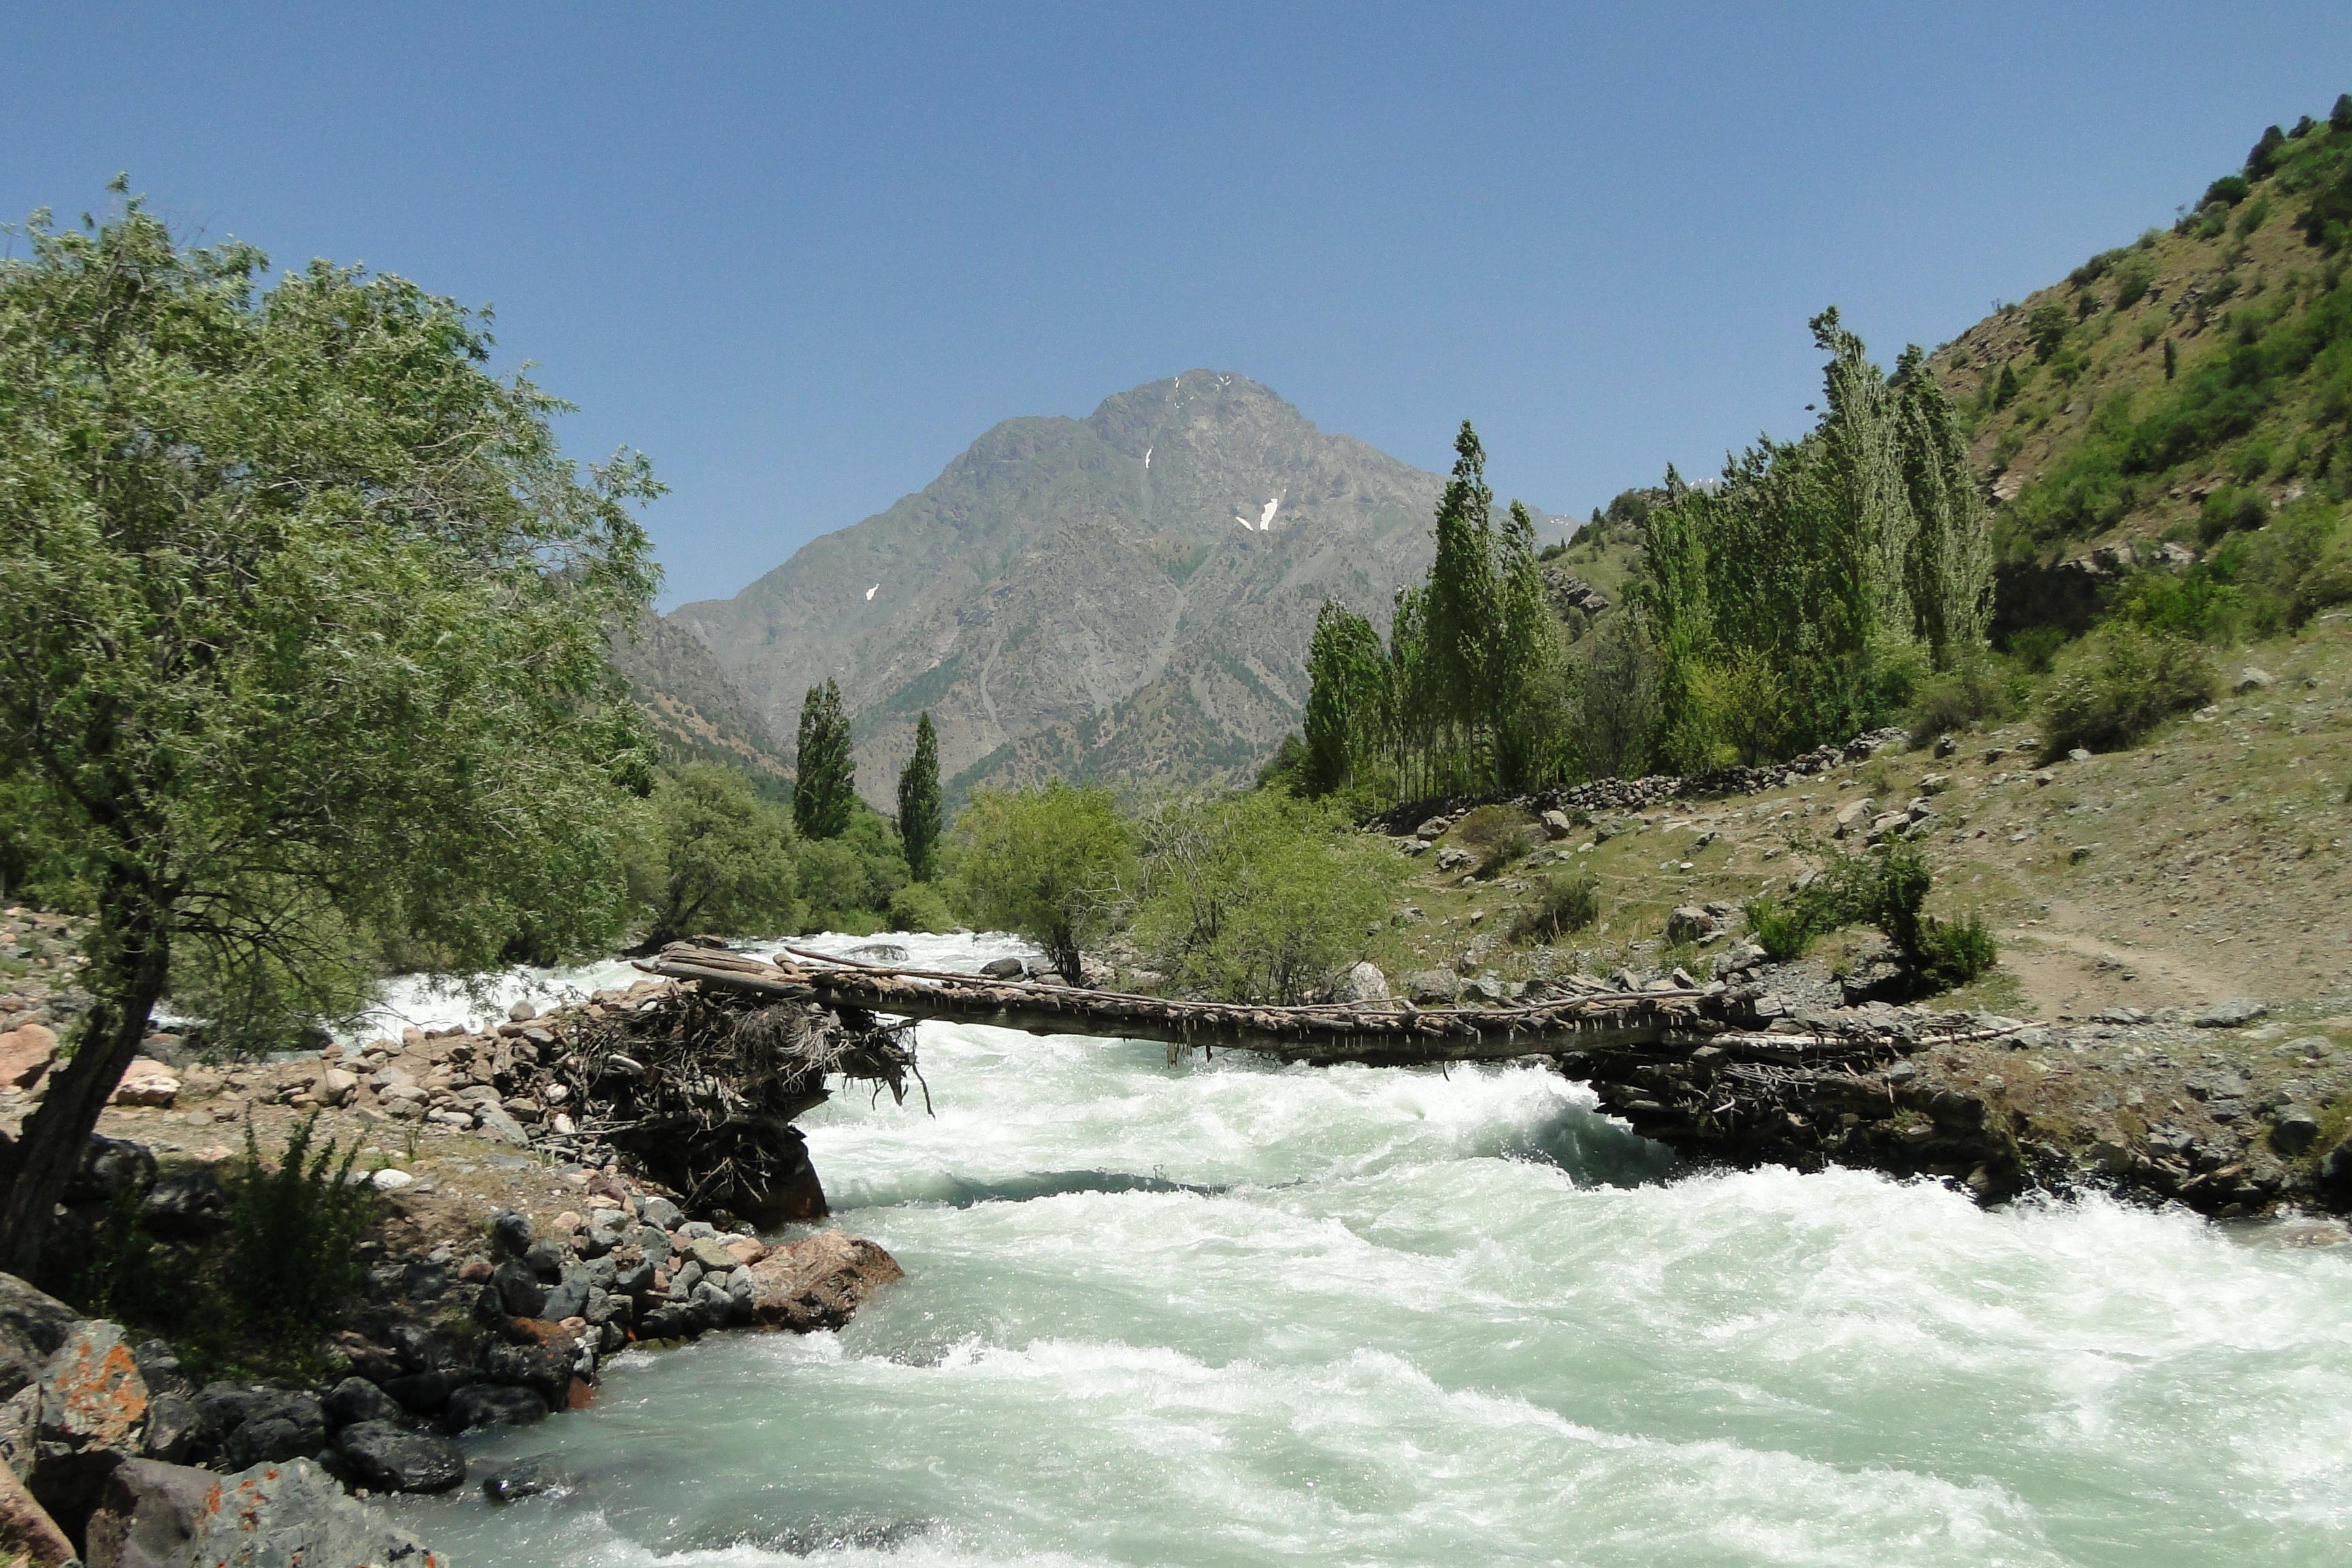 сцену тоже пархар таджикистан фото сегодня проведем